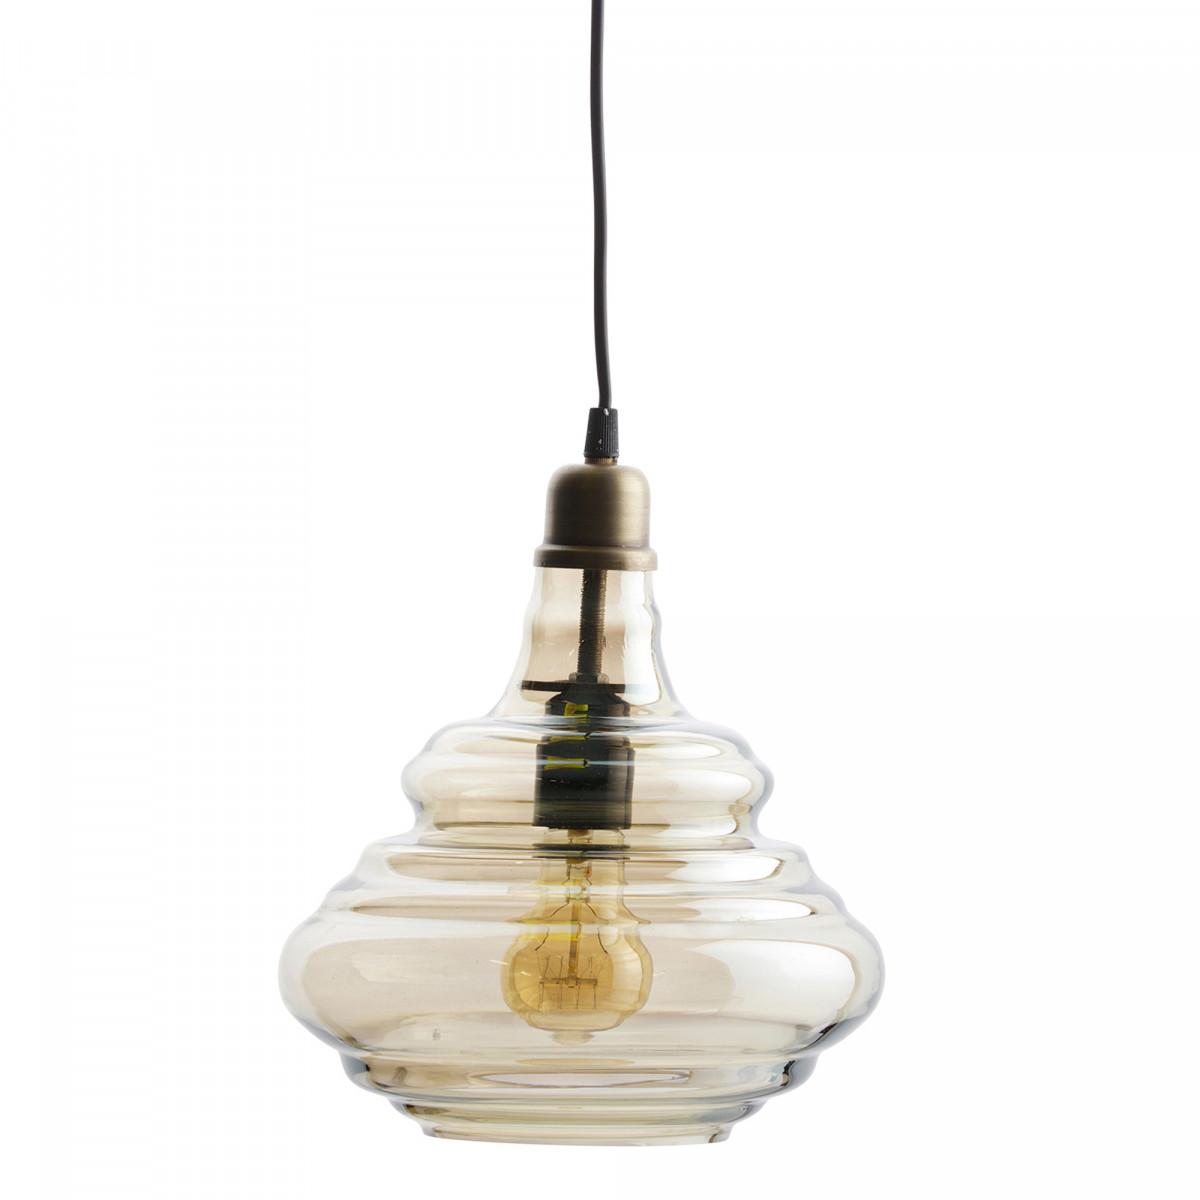 BePure vintage hanglamp glas antique brass | nostalux.nl